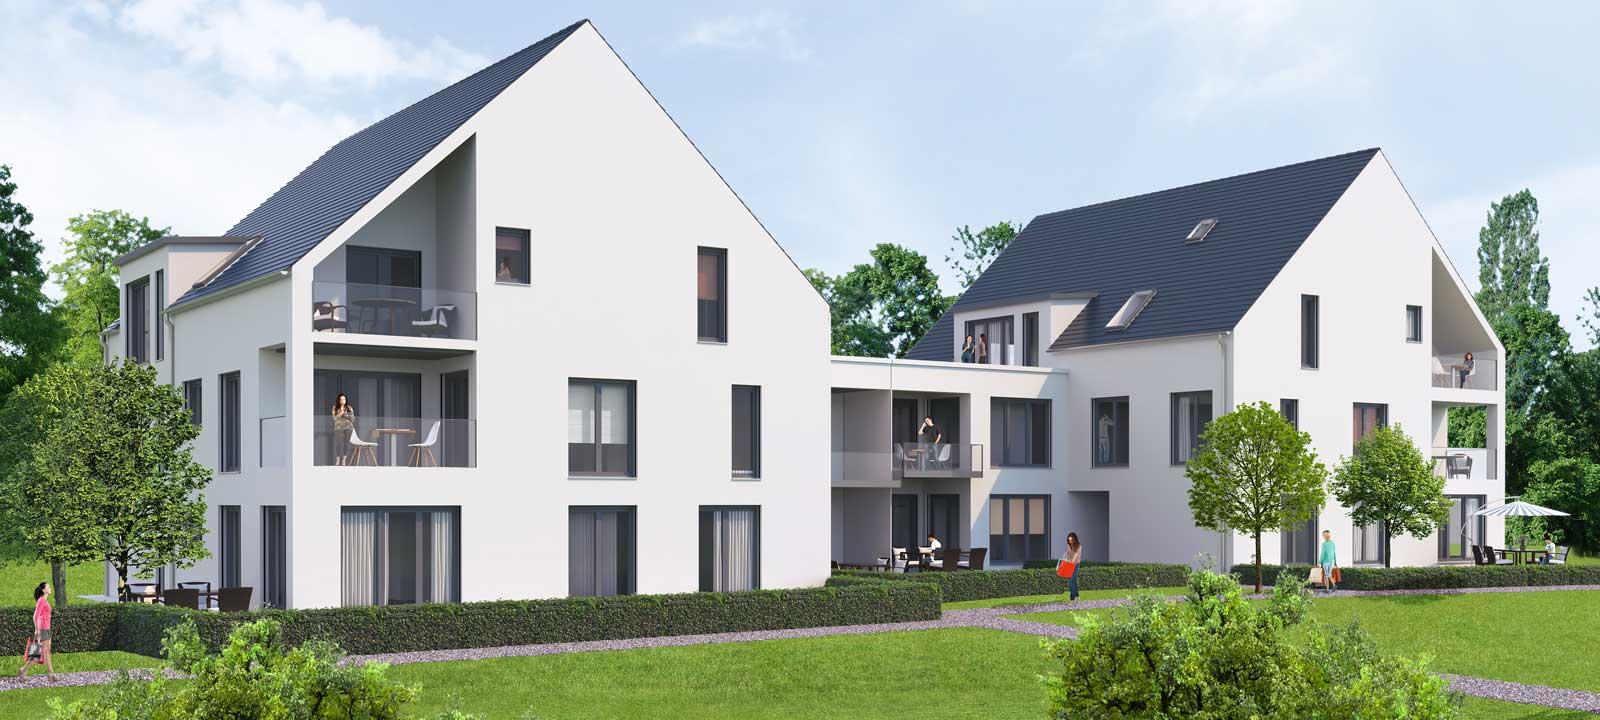 Schultheiss Wohnbau immobilien wohnungen reihenhaus in nürnberg und fürth